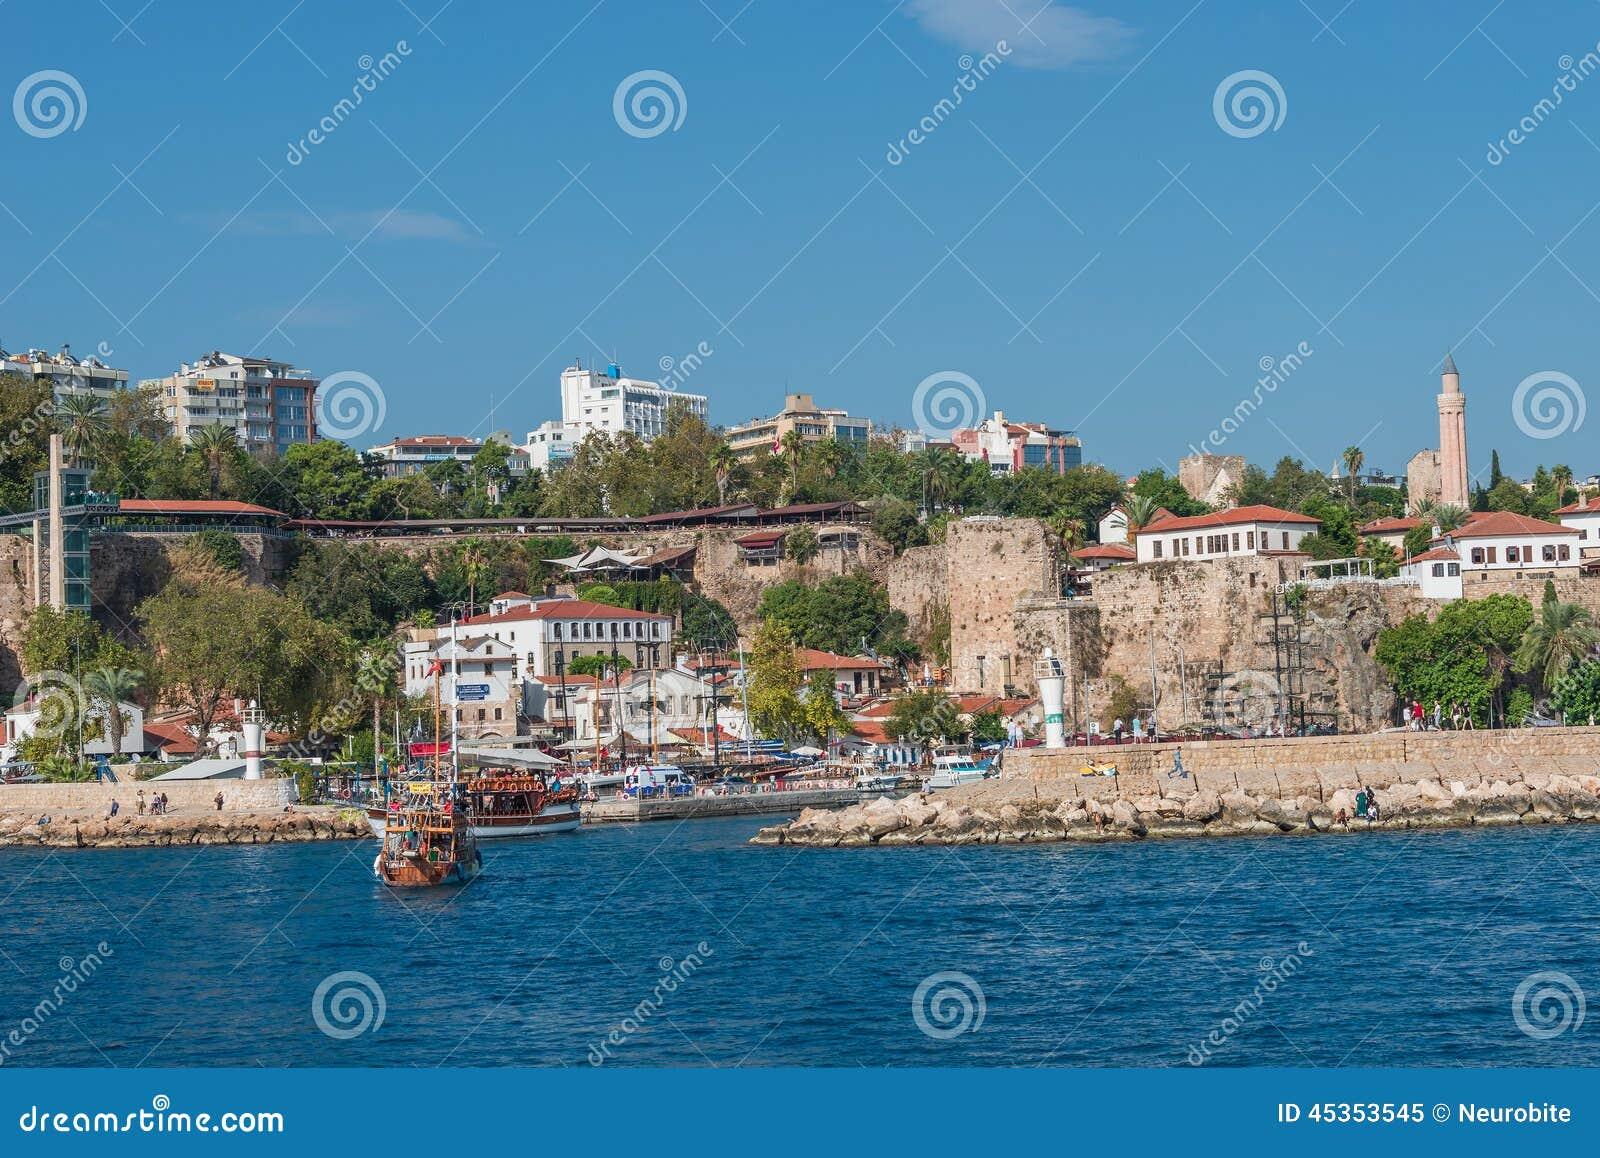 Vieux port et en centre ville Marina appelée à Antalya, Turquie